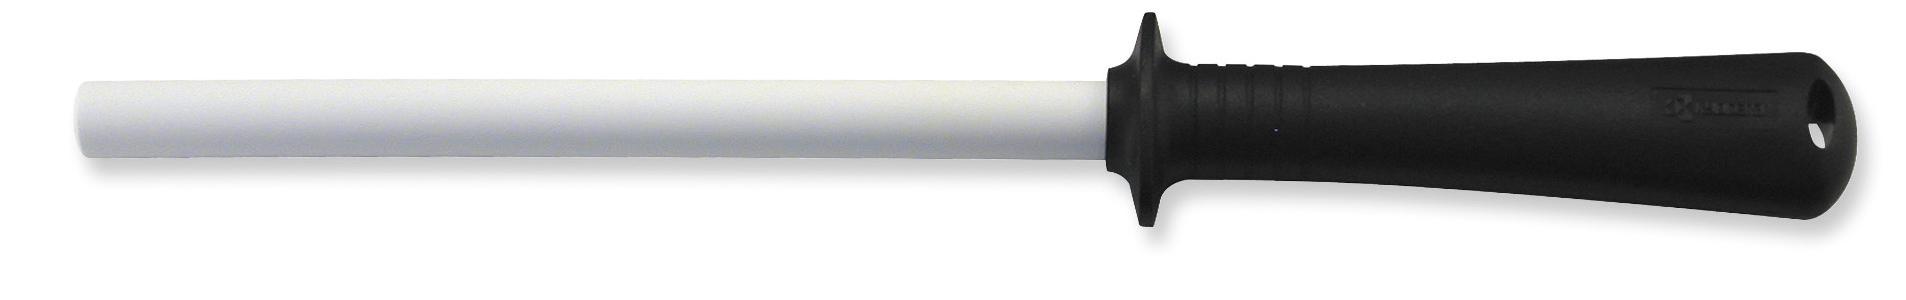 Keramická ocieľka na brúsenie nožov Kyocera CSW-12